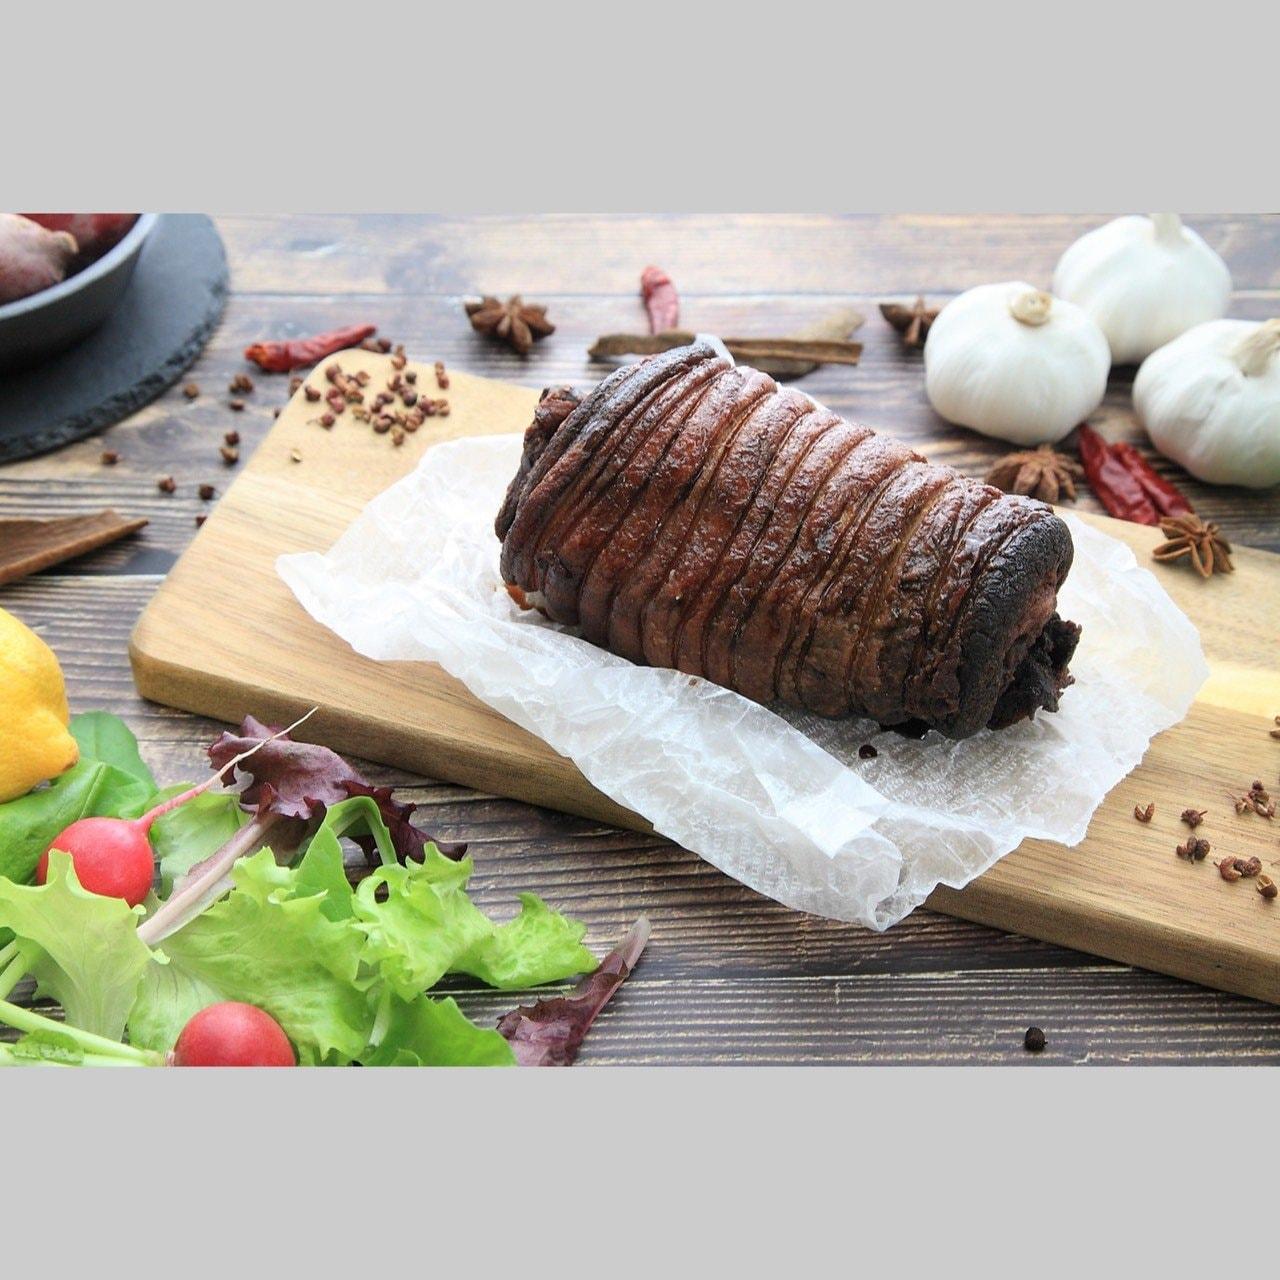 長崎のこだわりブランド豚「あかね豚」の激ウマ煮込みチャーシュー約500g 1本|テイクアウト・ポイント付き♪のイメージその3